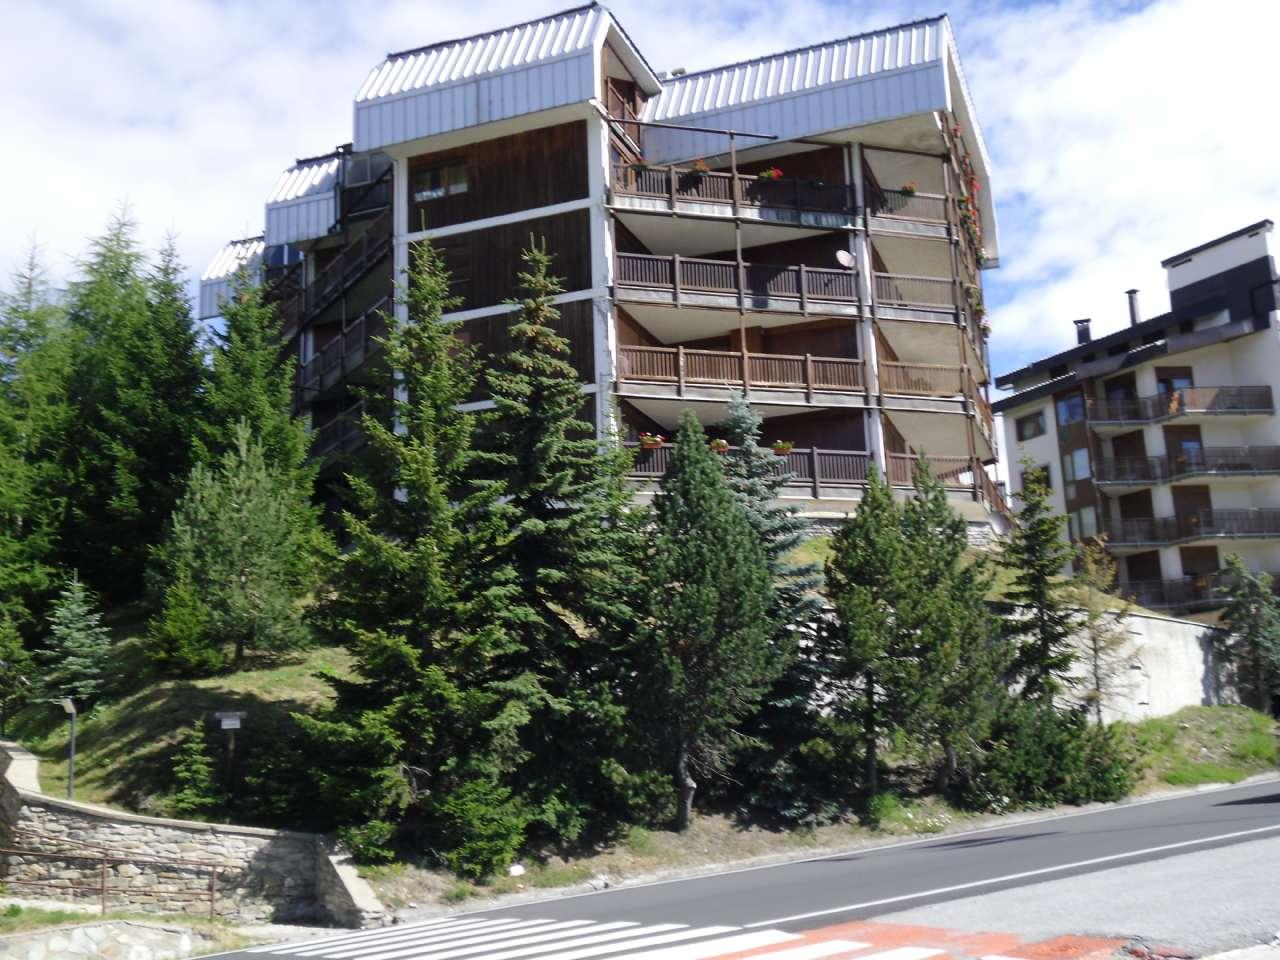 Appartamento in vendita a Sestriere, 5 locali, prezzo € 180.000 | CambioCasa.it